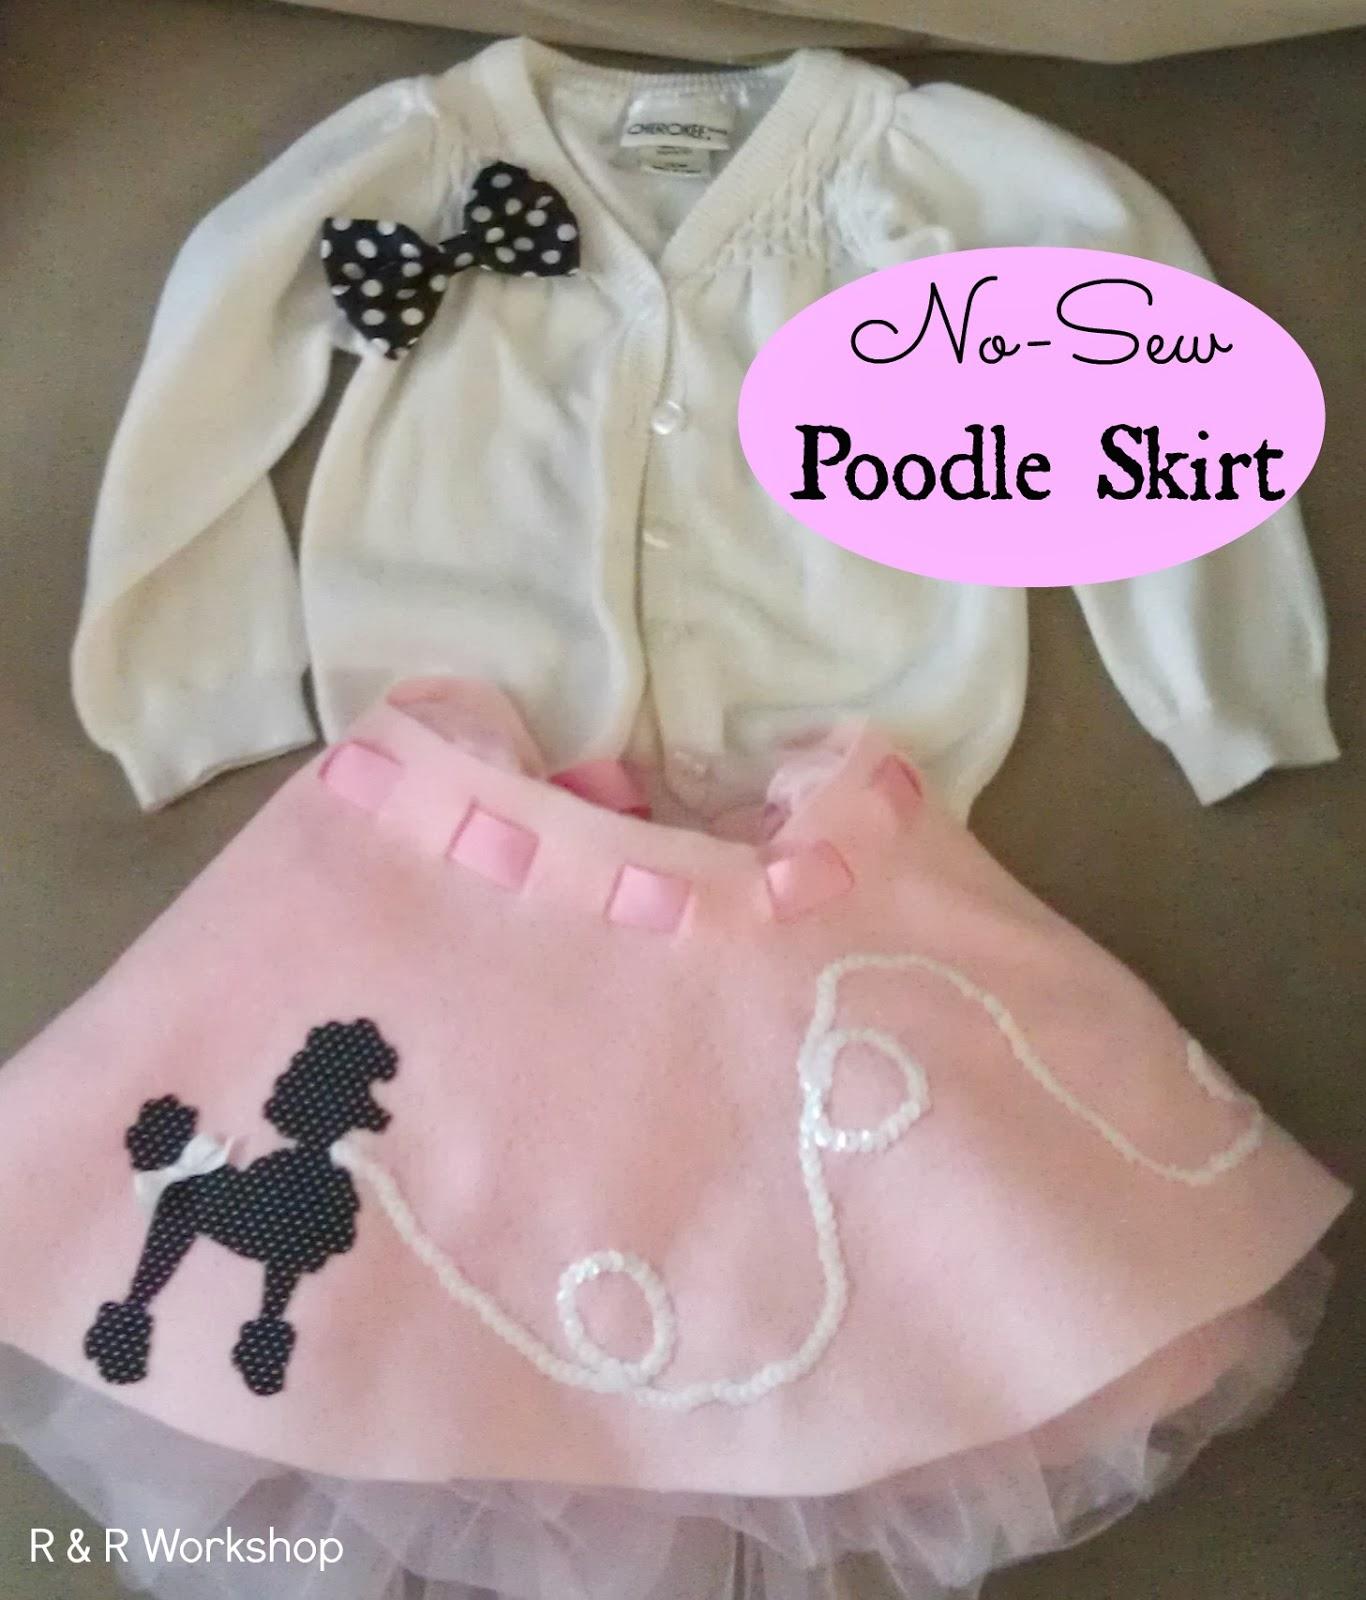 1bpblogspot U2qcbHbBifs UmCtYaetxMI AAAAAAAAA8c LPaE LrgqHc S1600 Poodle Skirt No Sew